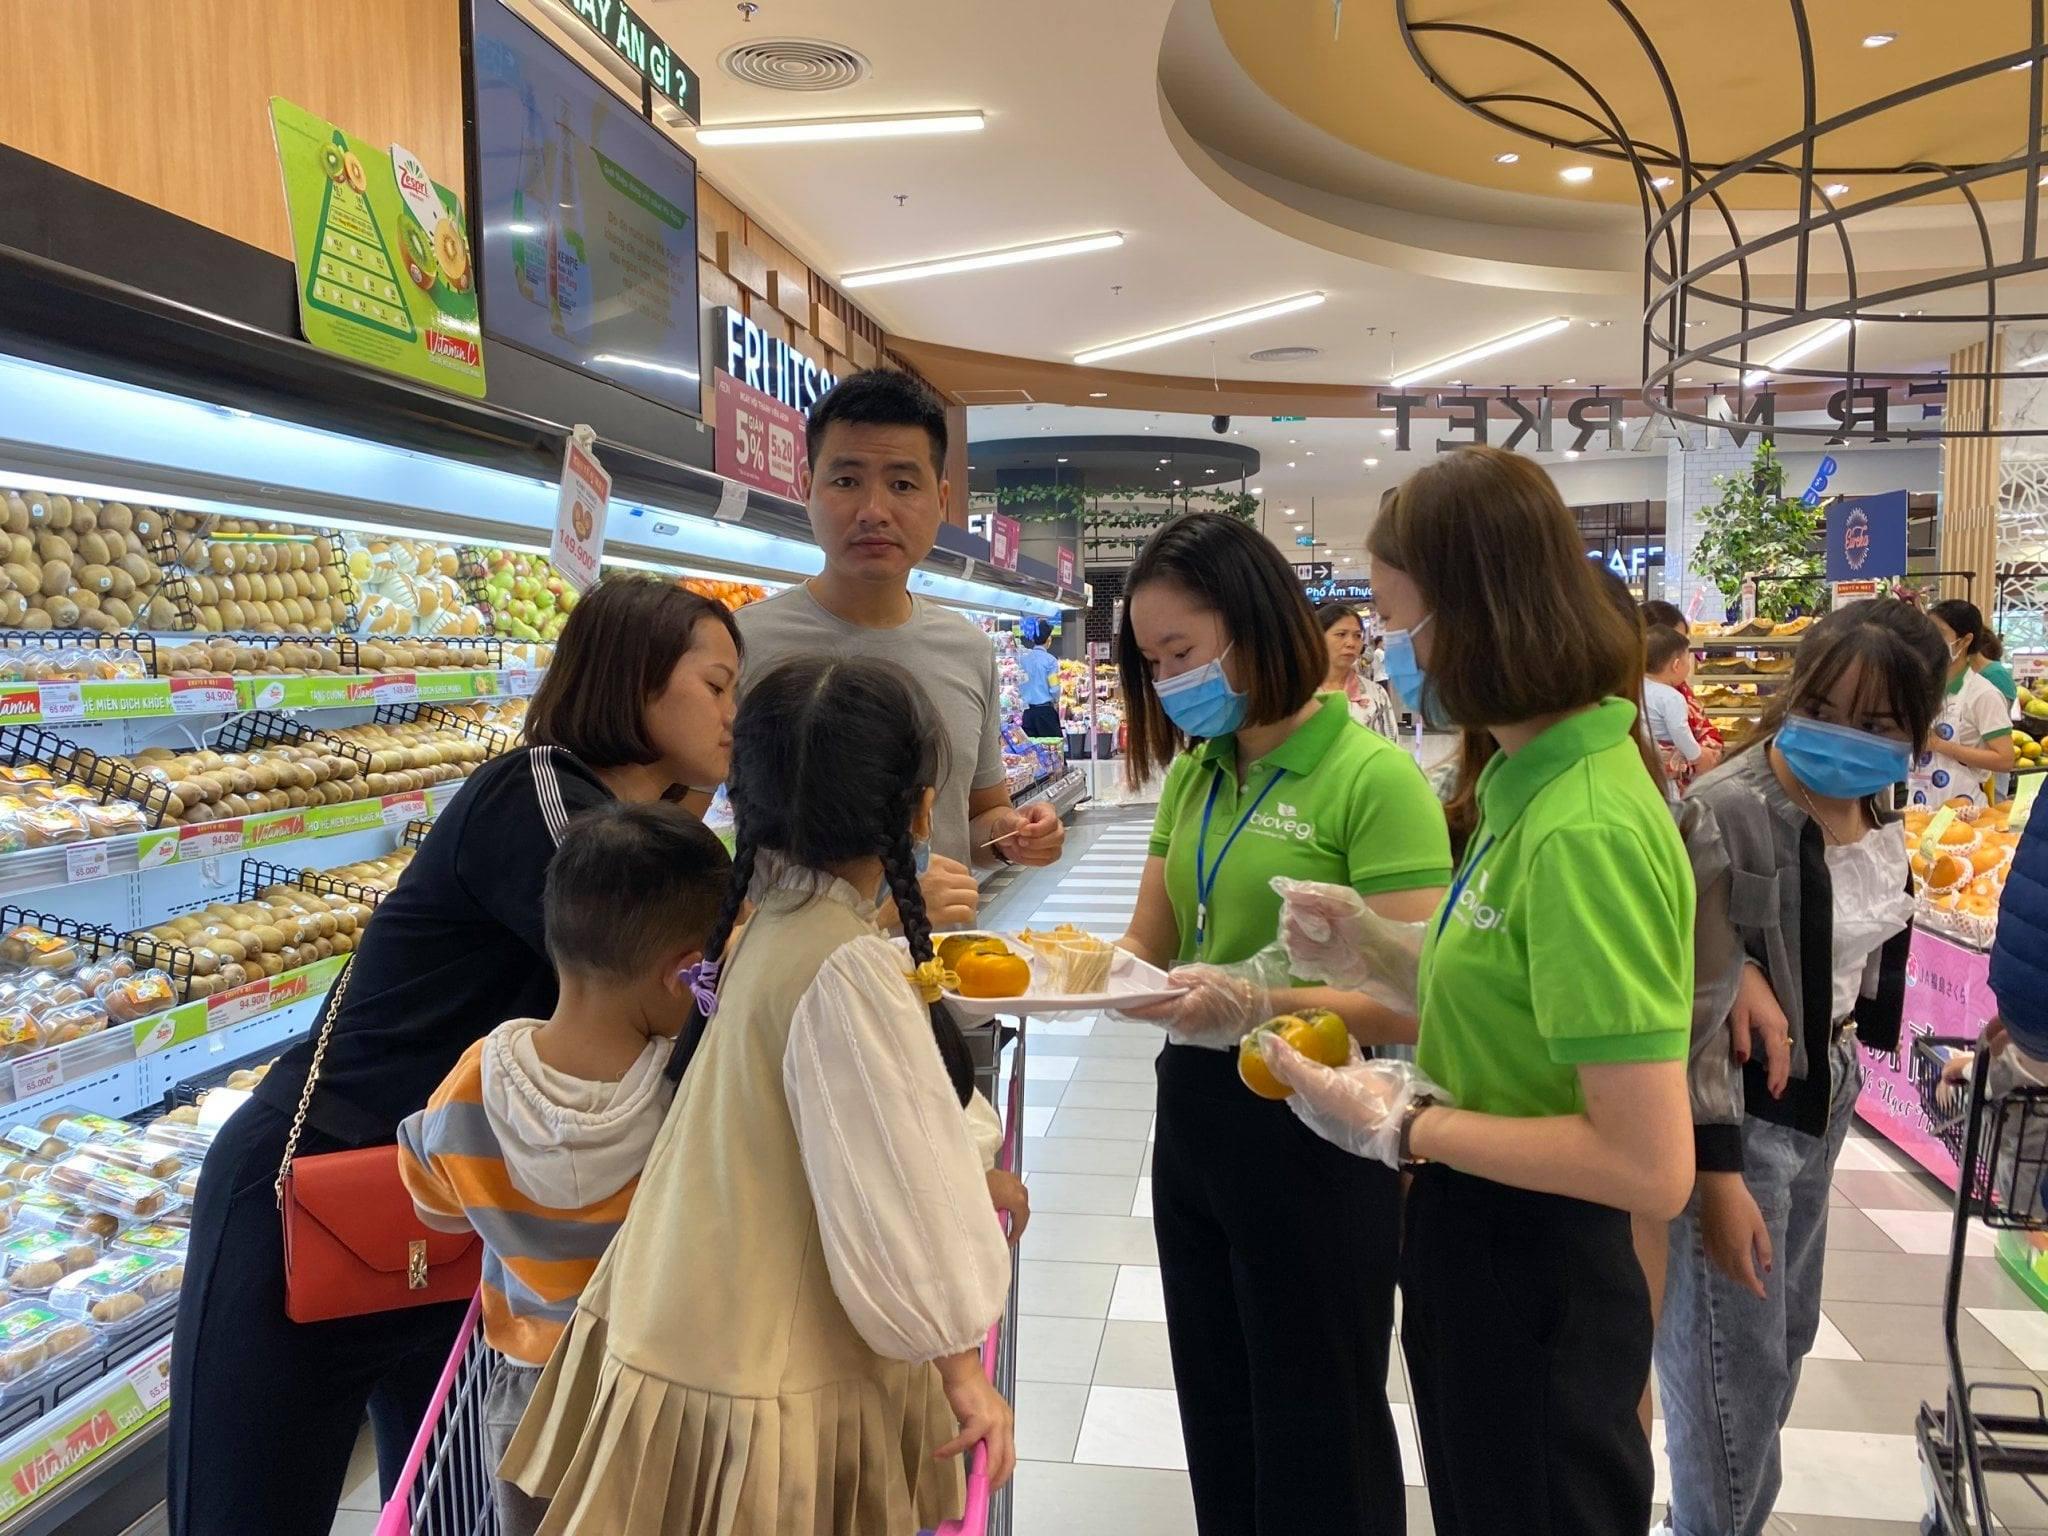 Đại tiệc Sampling Hồng Hàn Quốc kết hợp giữa Biovegi Việt Nam, aTCenter và Evergood Hàn Quốc